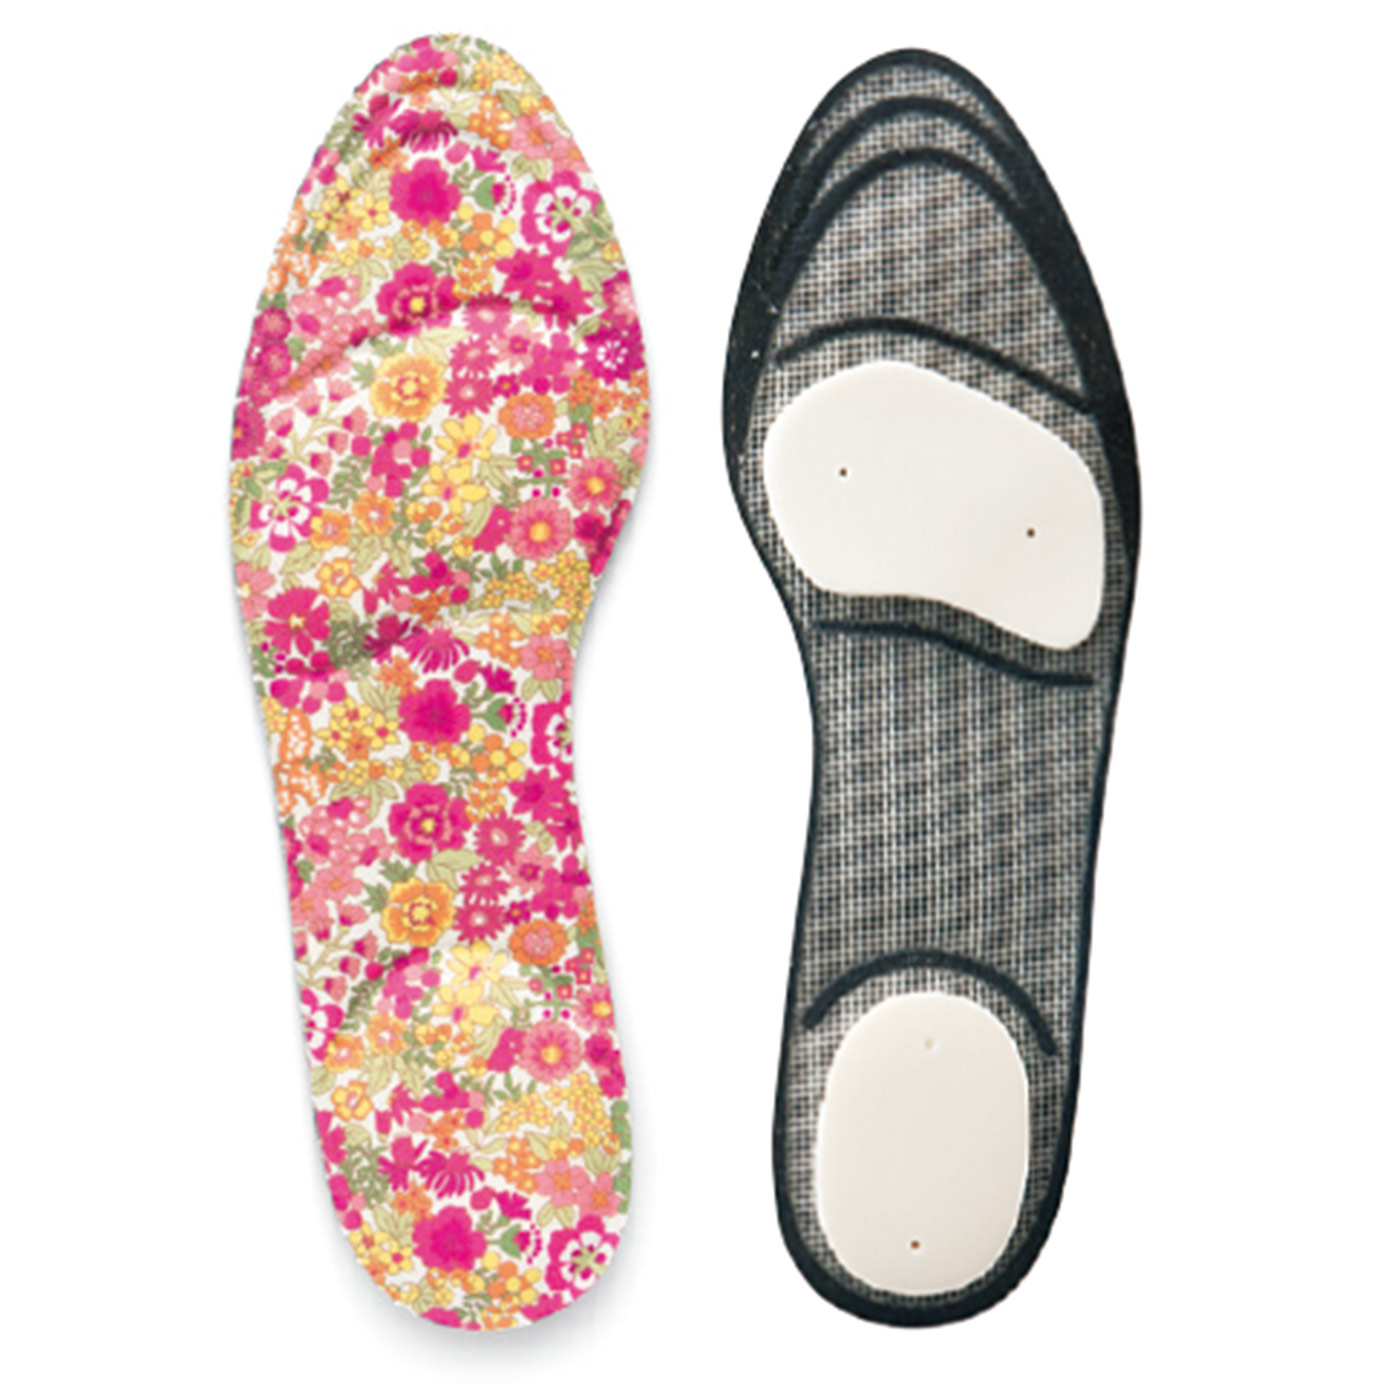 靴のサイズに合わせてカットできます。(左:内部構造)中には消臭効果のある活性炭繊維を使用。